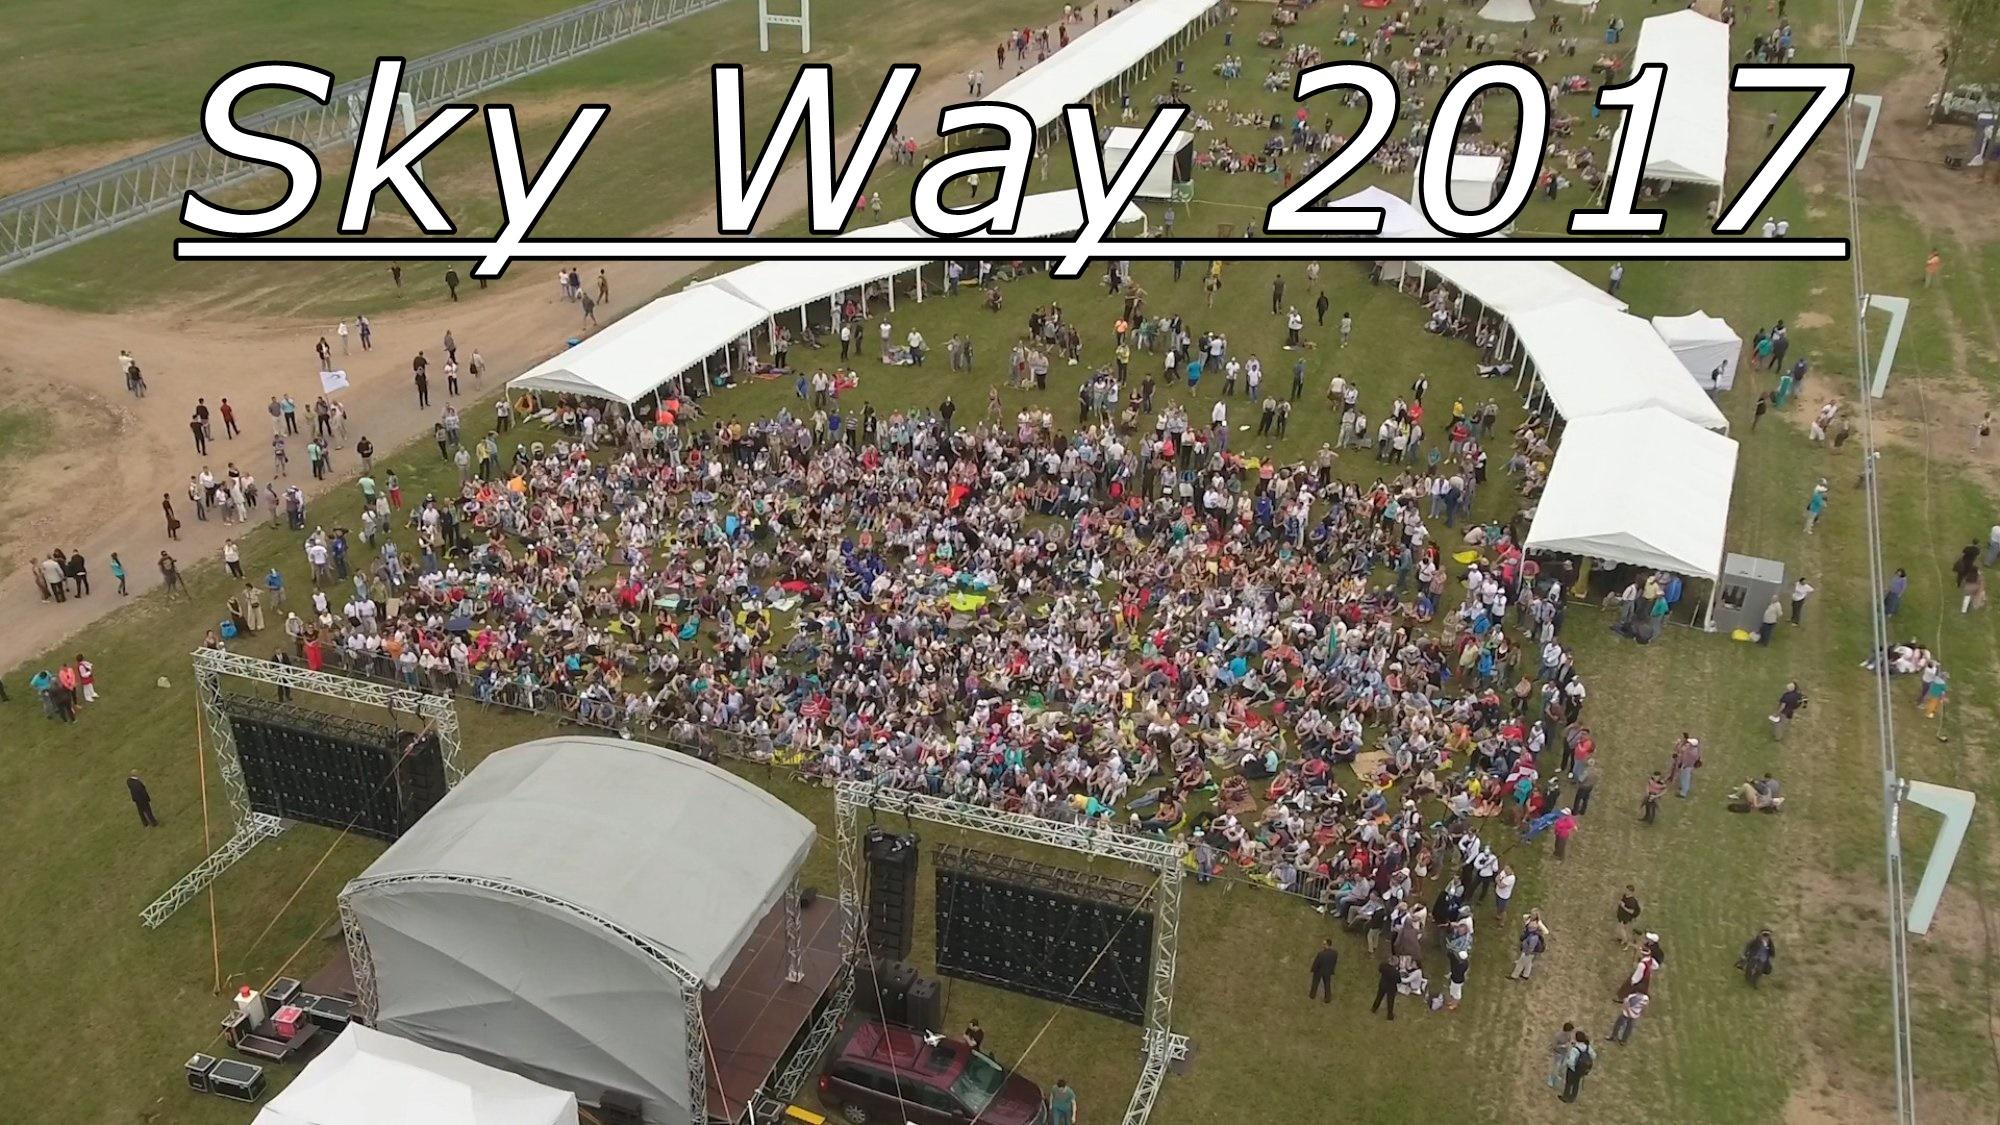 Sky Way összefoglaló 2017